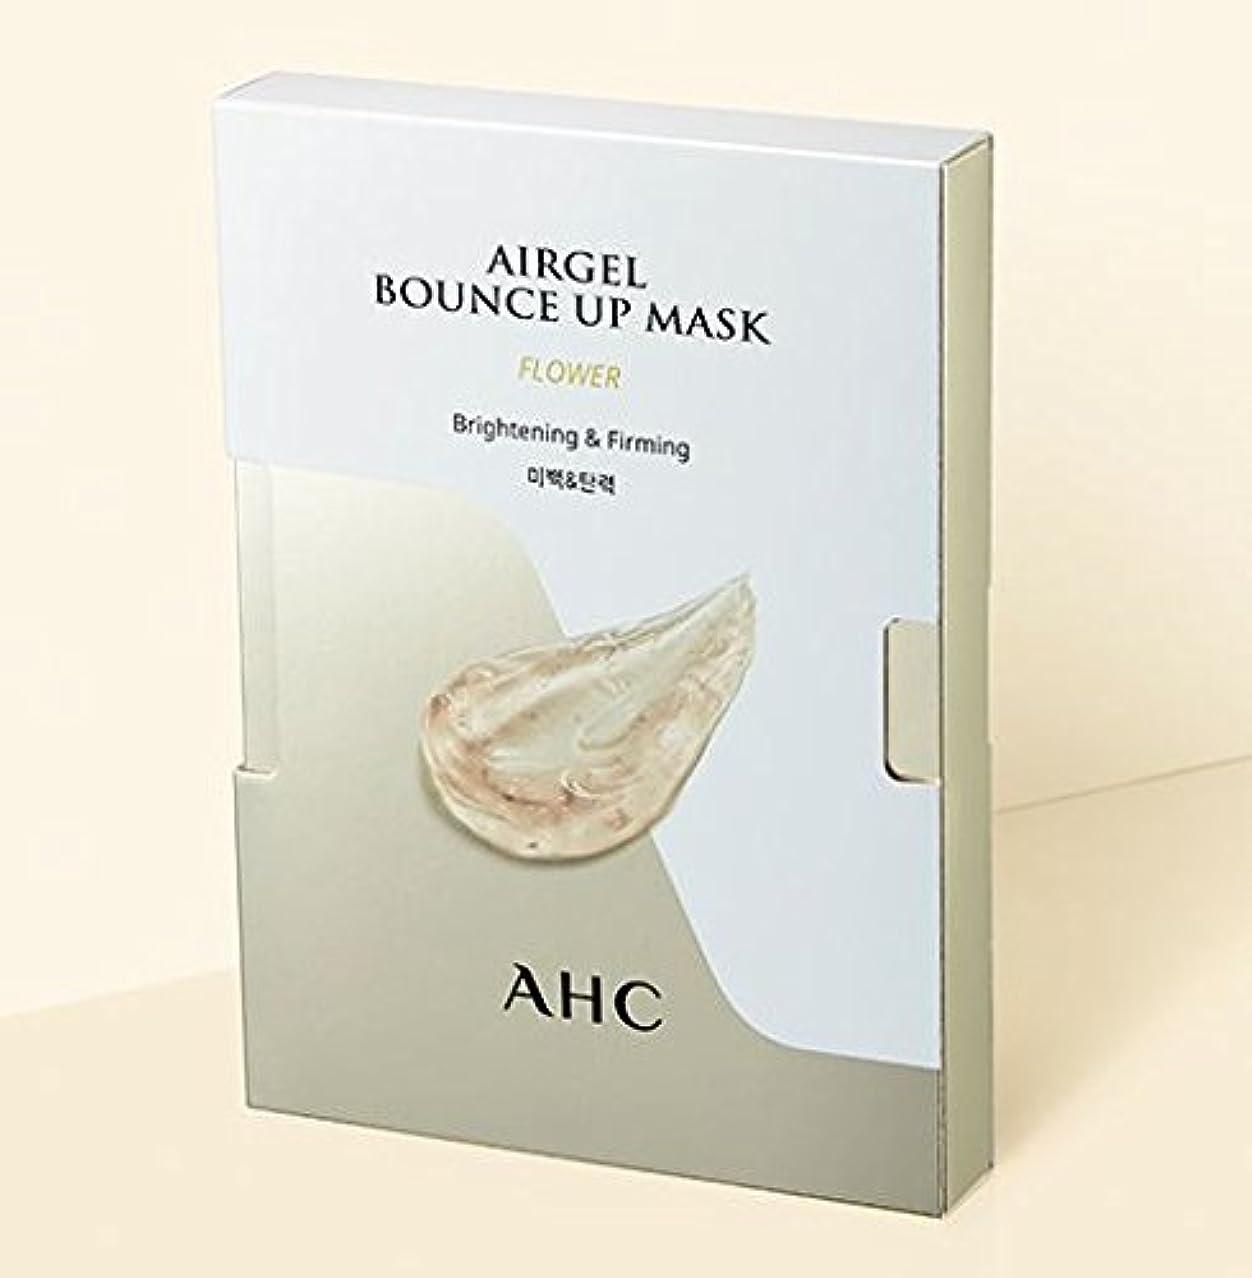 箱化粧可聴[A.H.C] Airgel Bounce Up Mask FLOWER (Brightening&Firming)30g*5sheet/フラワーエアゲルマスク30g*5枚 [並行輸入品]